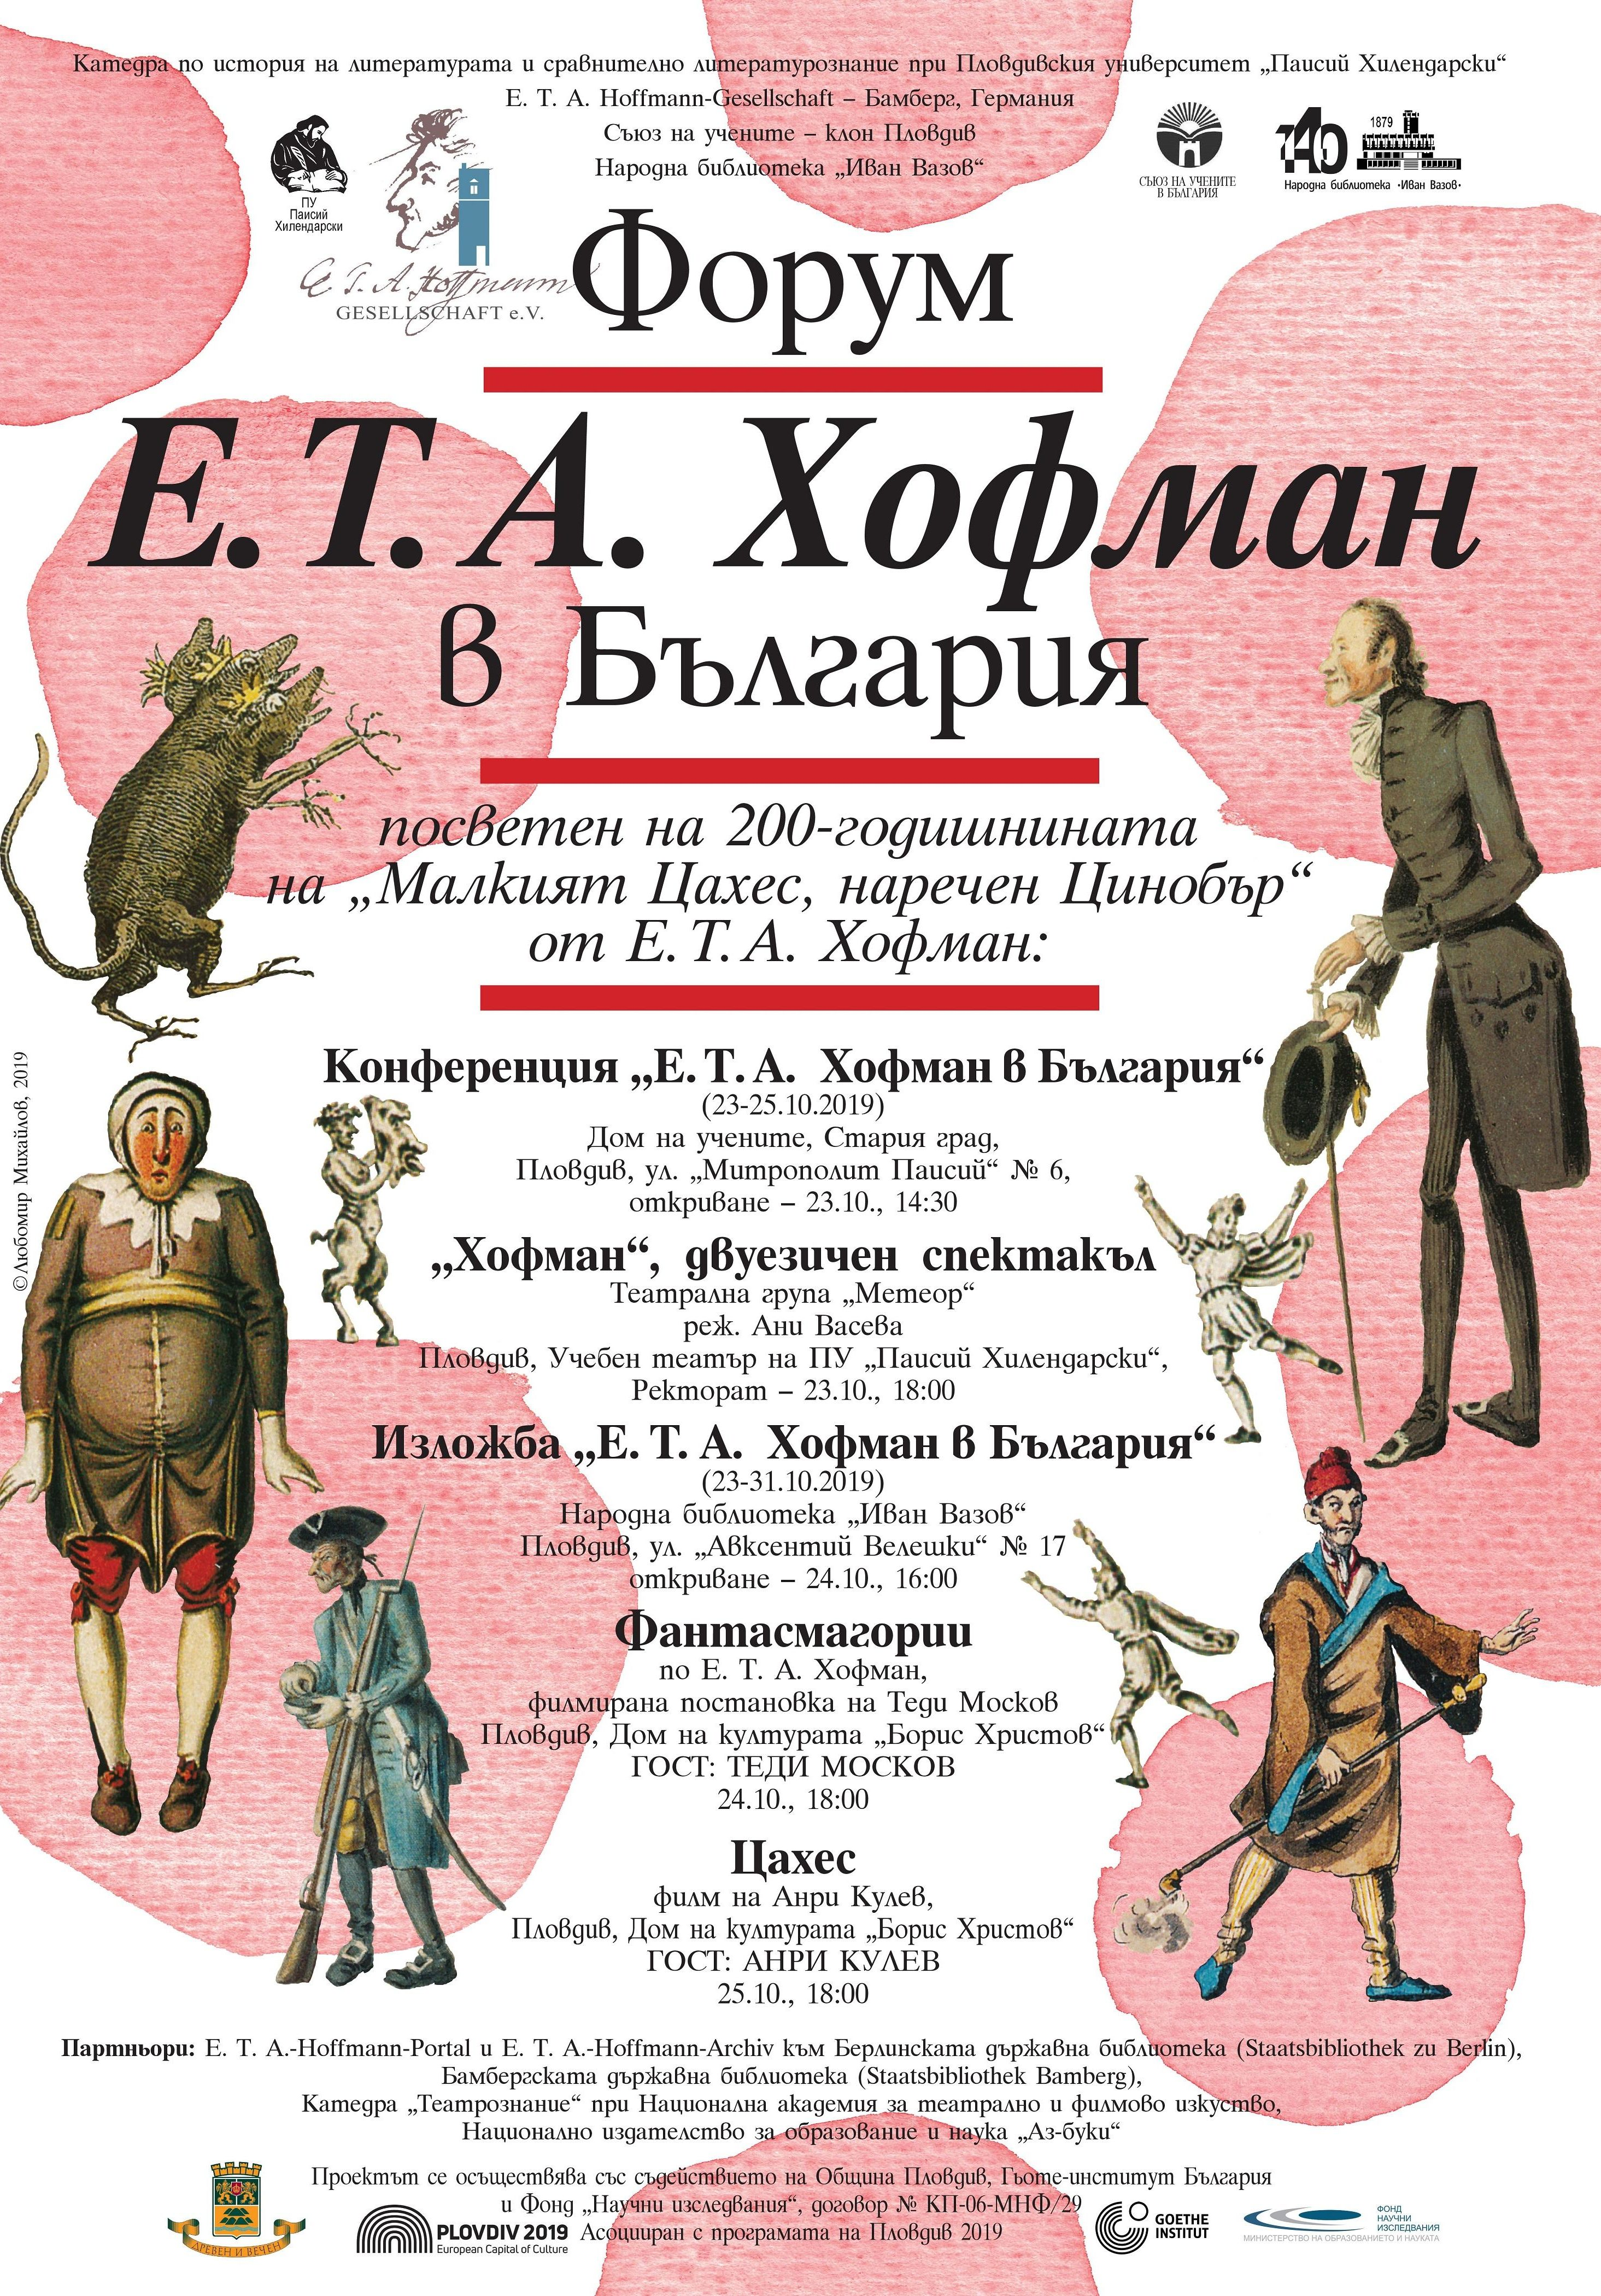 """Форум Е. Т. А. Хофман в България – посветен на 200-годишнината на """"Малкия Цахес, наречен Цинобър"""" от Е. Т. А. Хофман"""